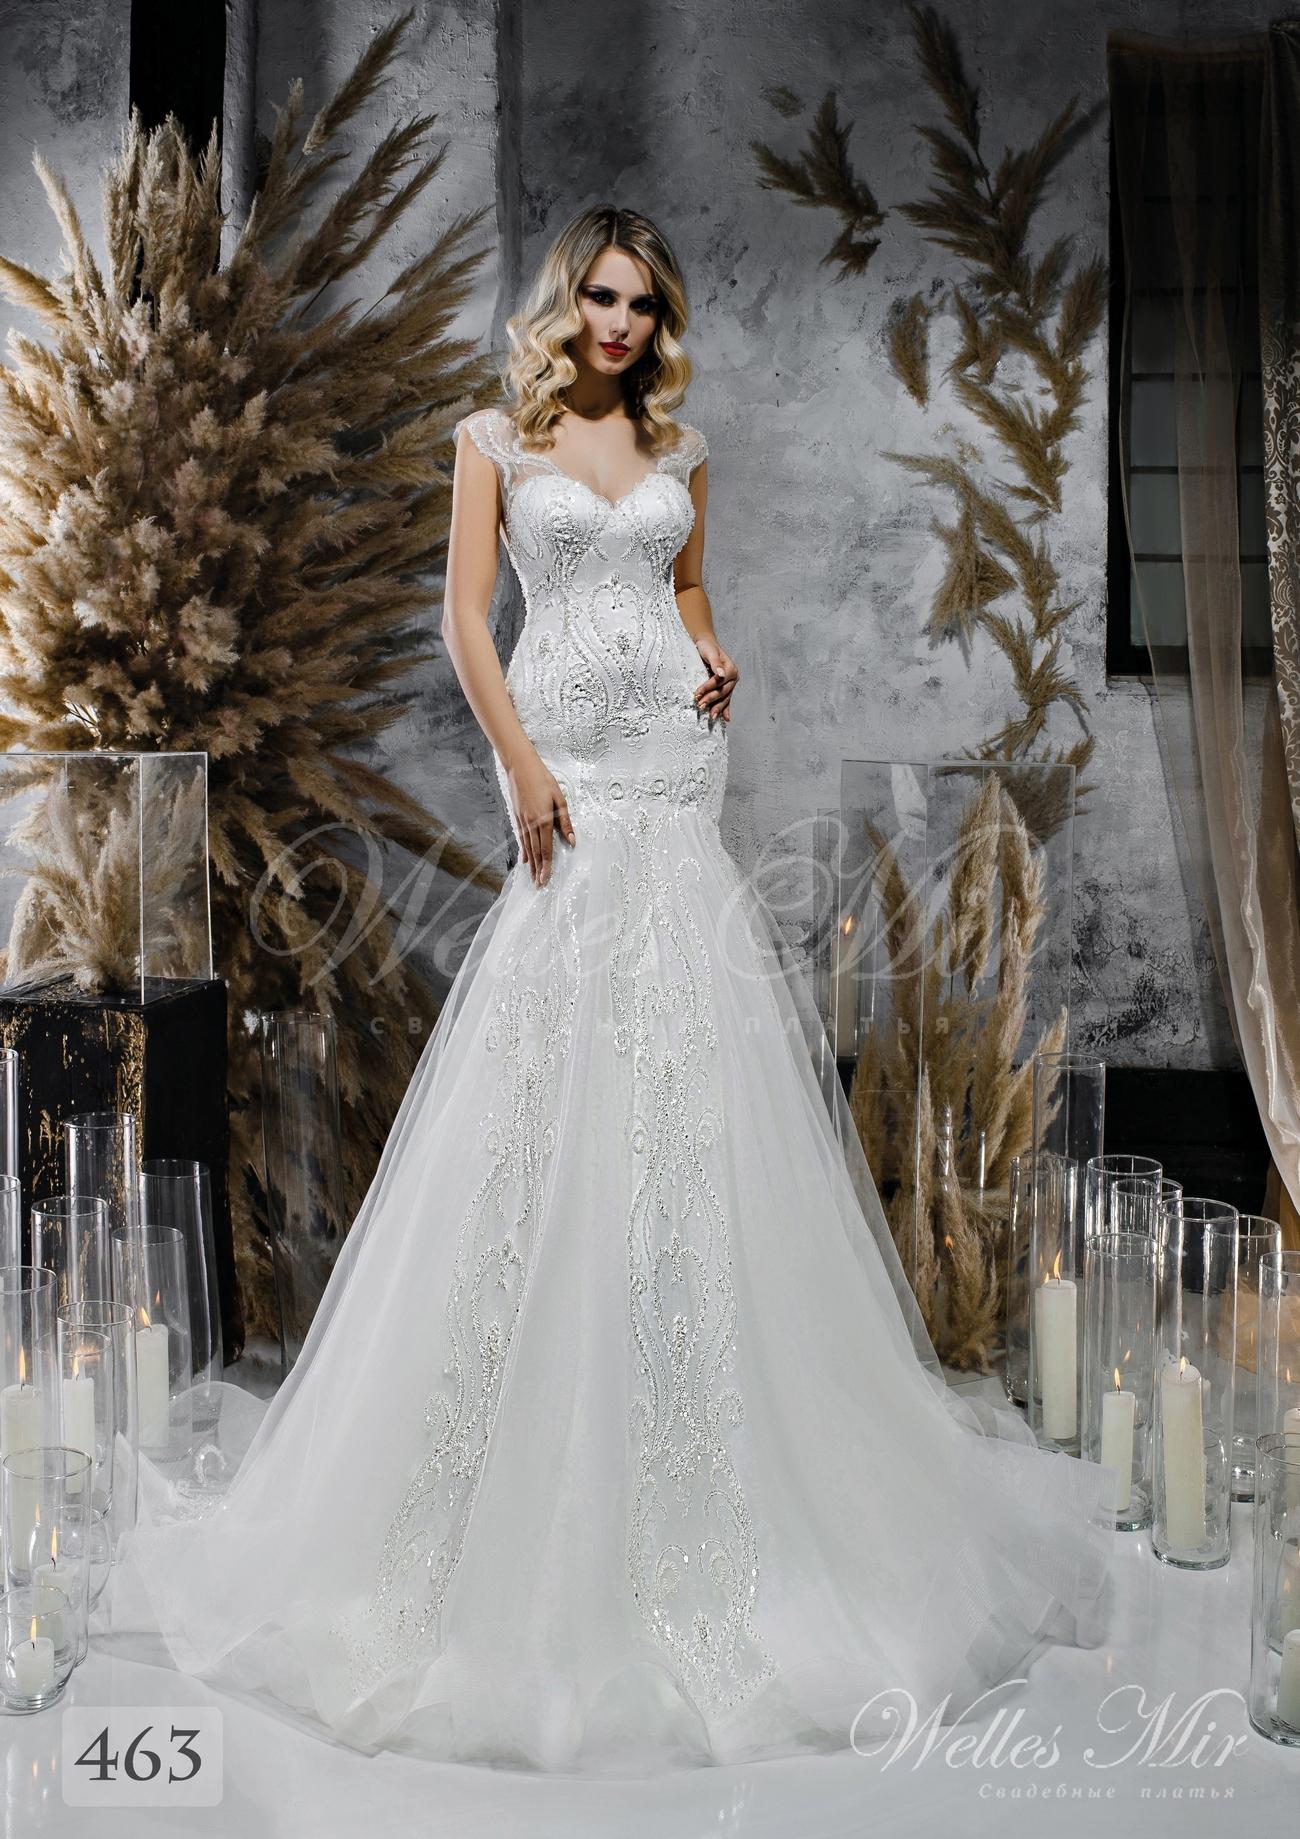 Свадебные платья Unique Perfection 2018 - 463